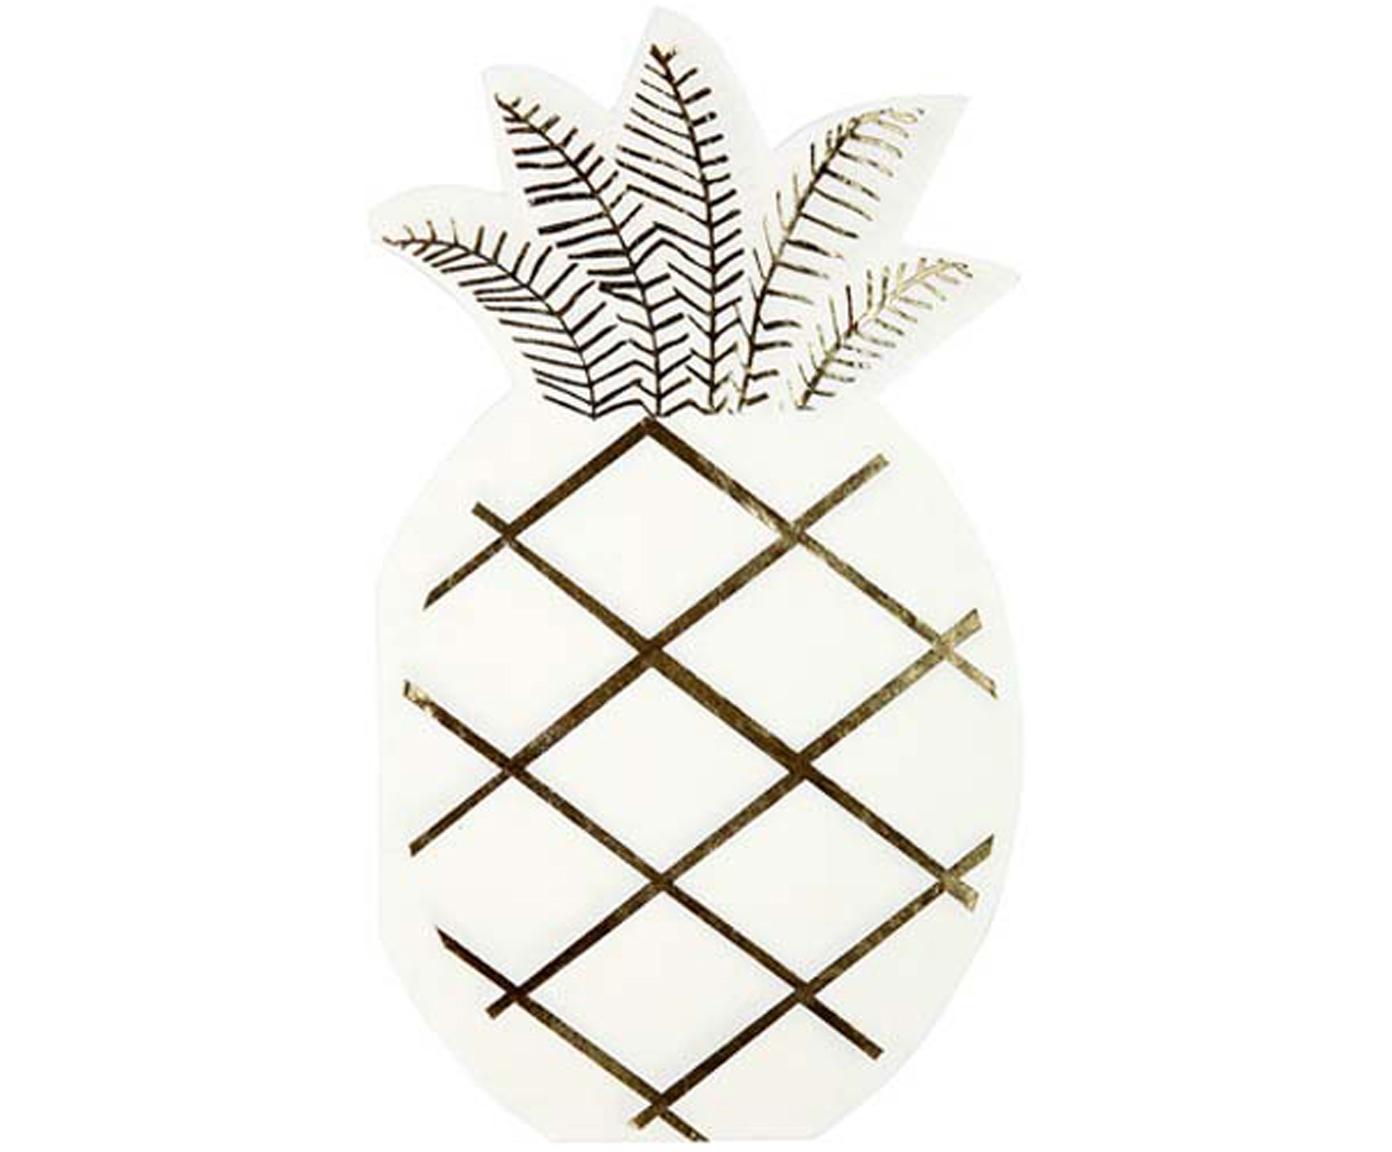 Papier-Servietten Pineapple, 16 Stück, Papier, Weiss, Goldfarben, 10 x 18 cm